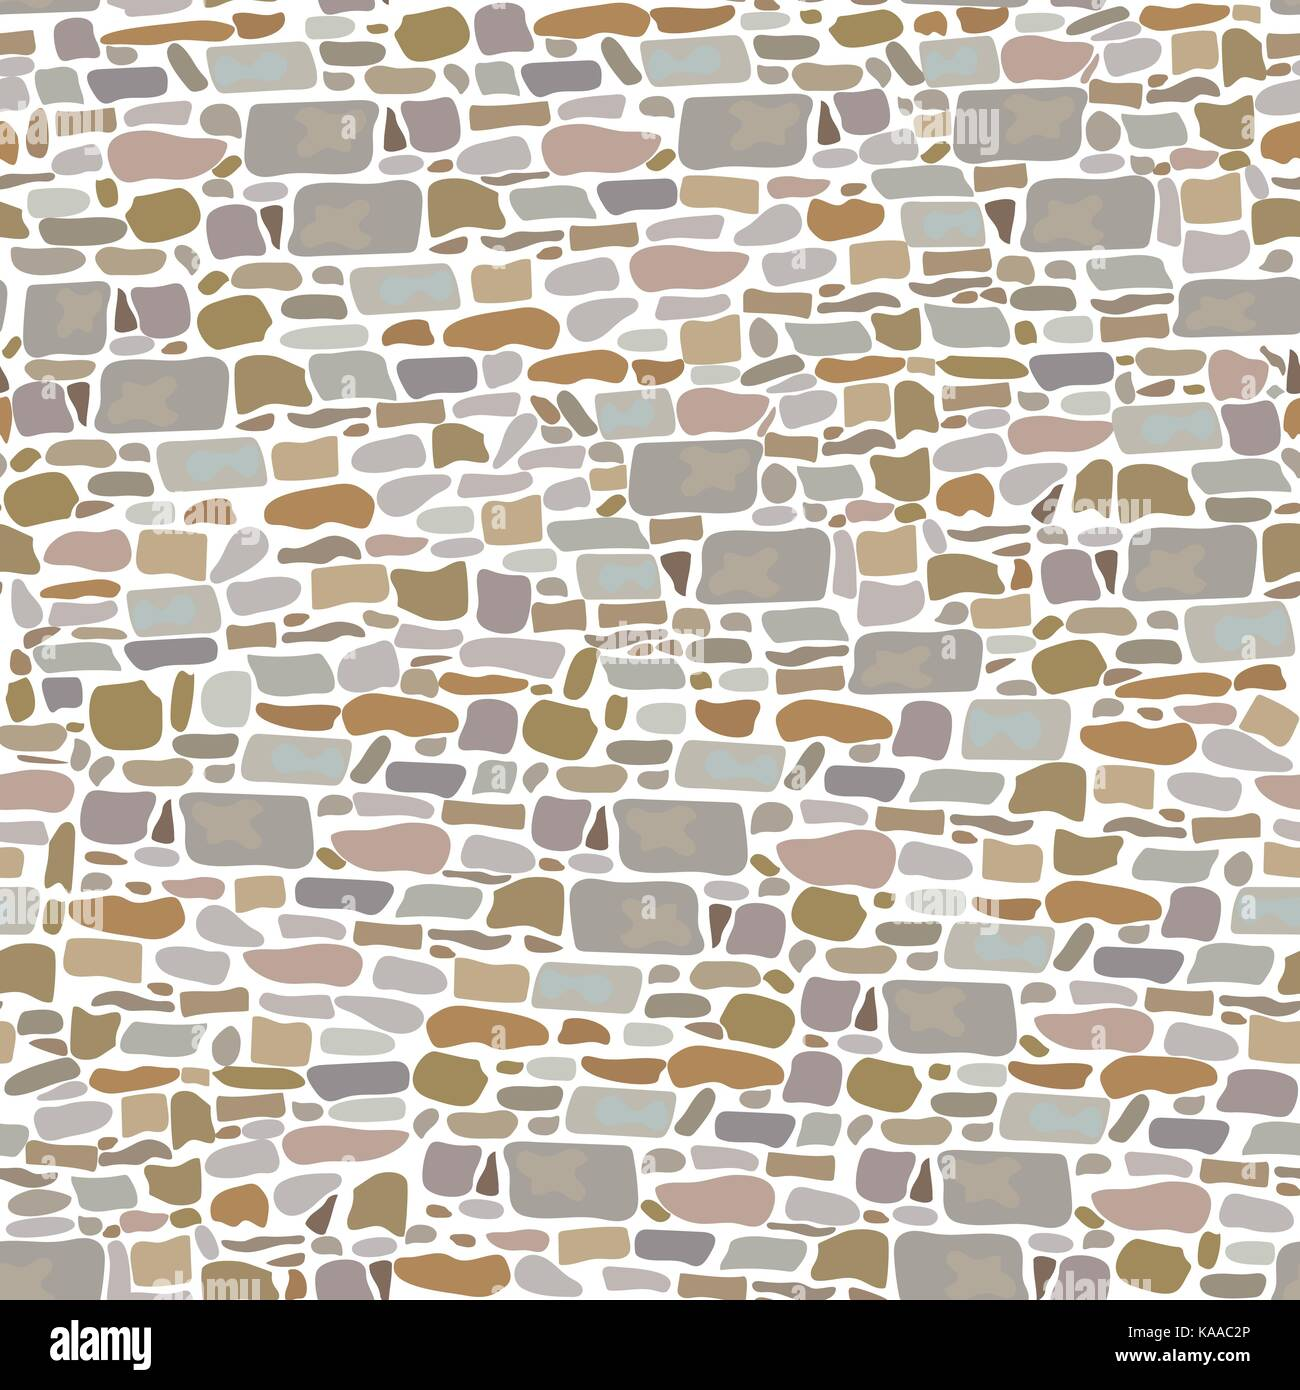 Entzuckend Stein Block Wand, Nahtlose Muster. Hintergrund Aus Wilden Steine. Grau,  Rot, Sand, Gelb, Braun,